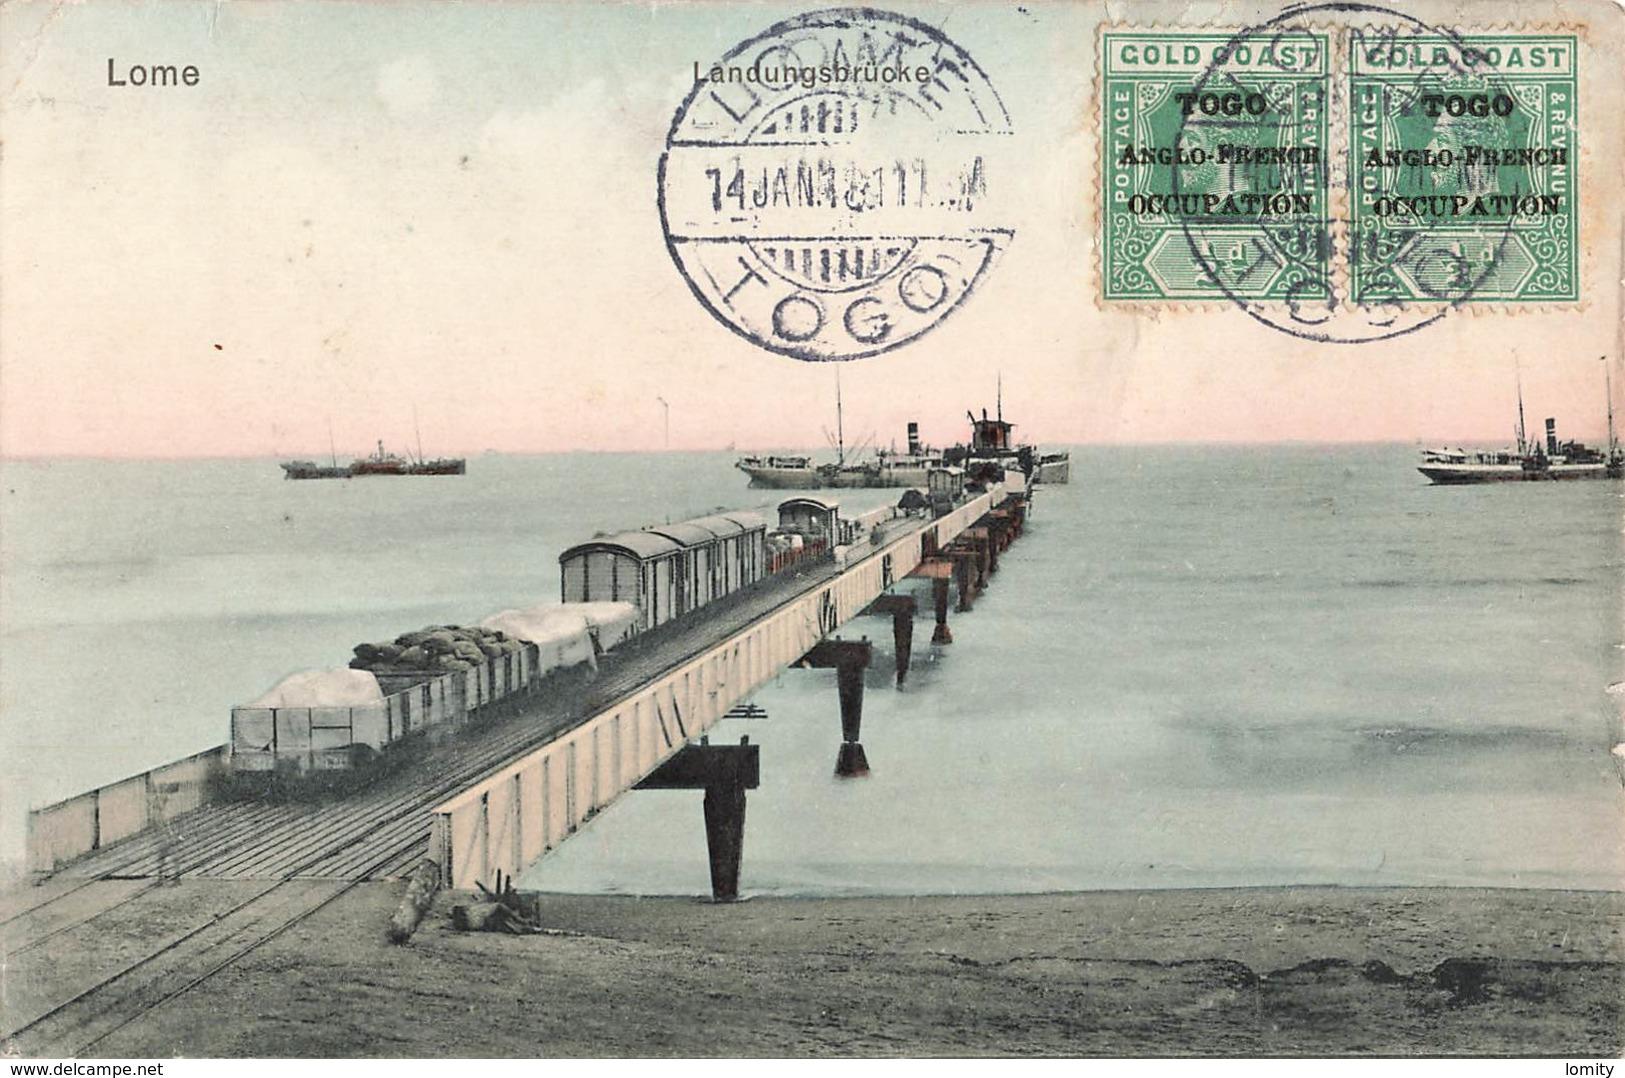 Togo Lome Landungsbrucke Pont Voie Ferrée Bateau Train Marchandises + Timbre Surchargé Togo Anglo French Occupation - Togo